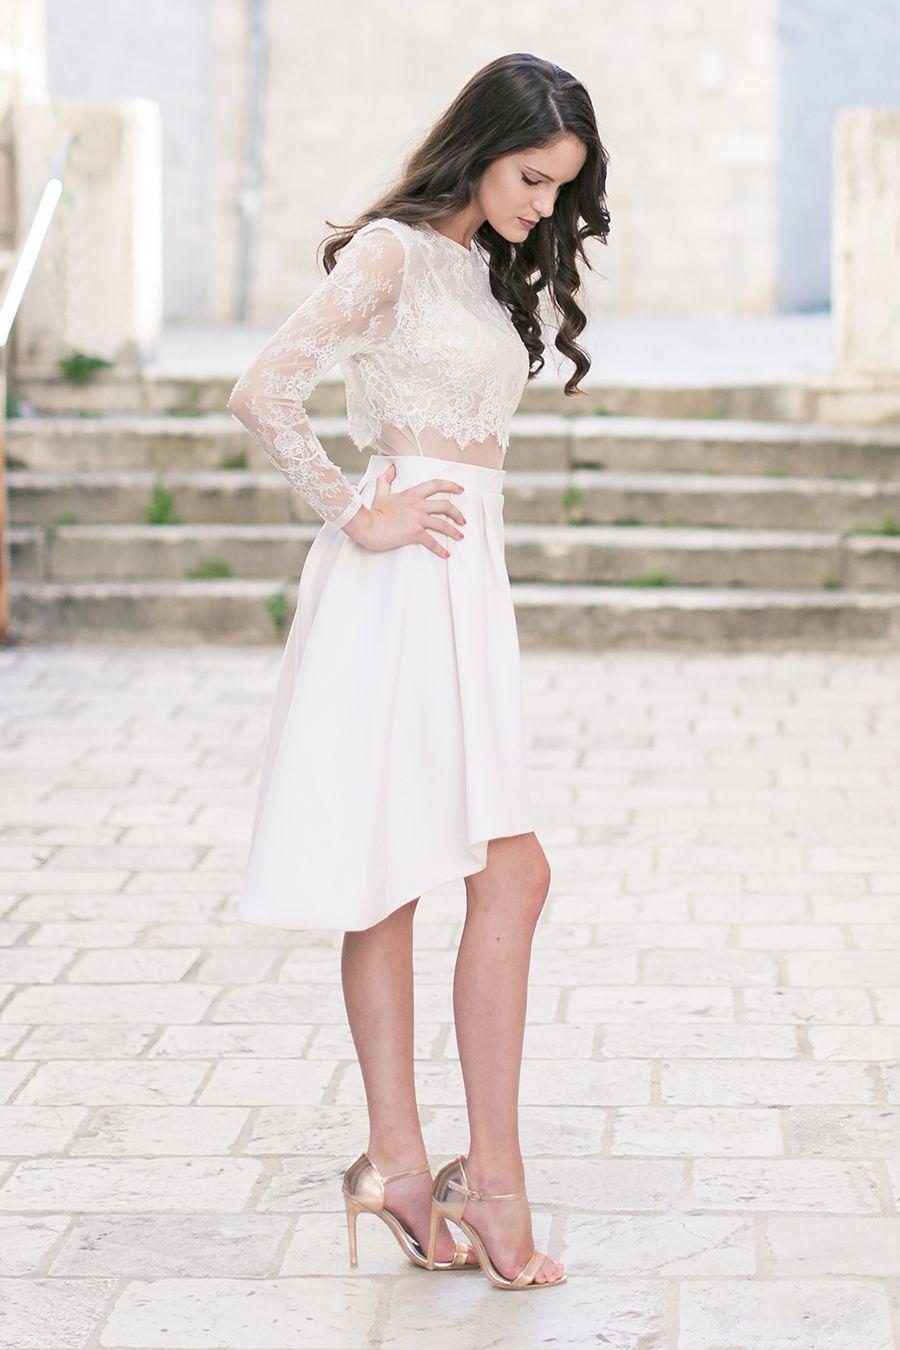 Ein Brautkleid für das Standesamt  Brautkleid standesamt, Kleid